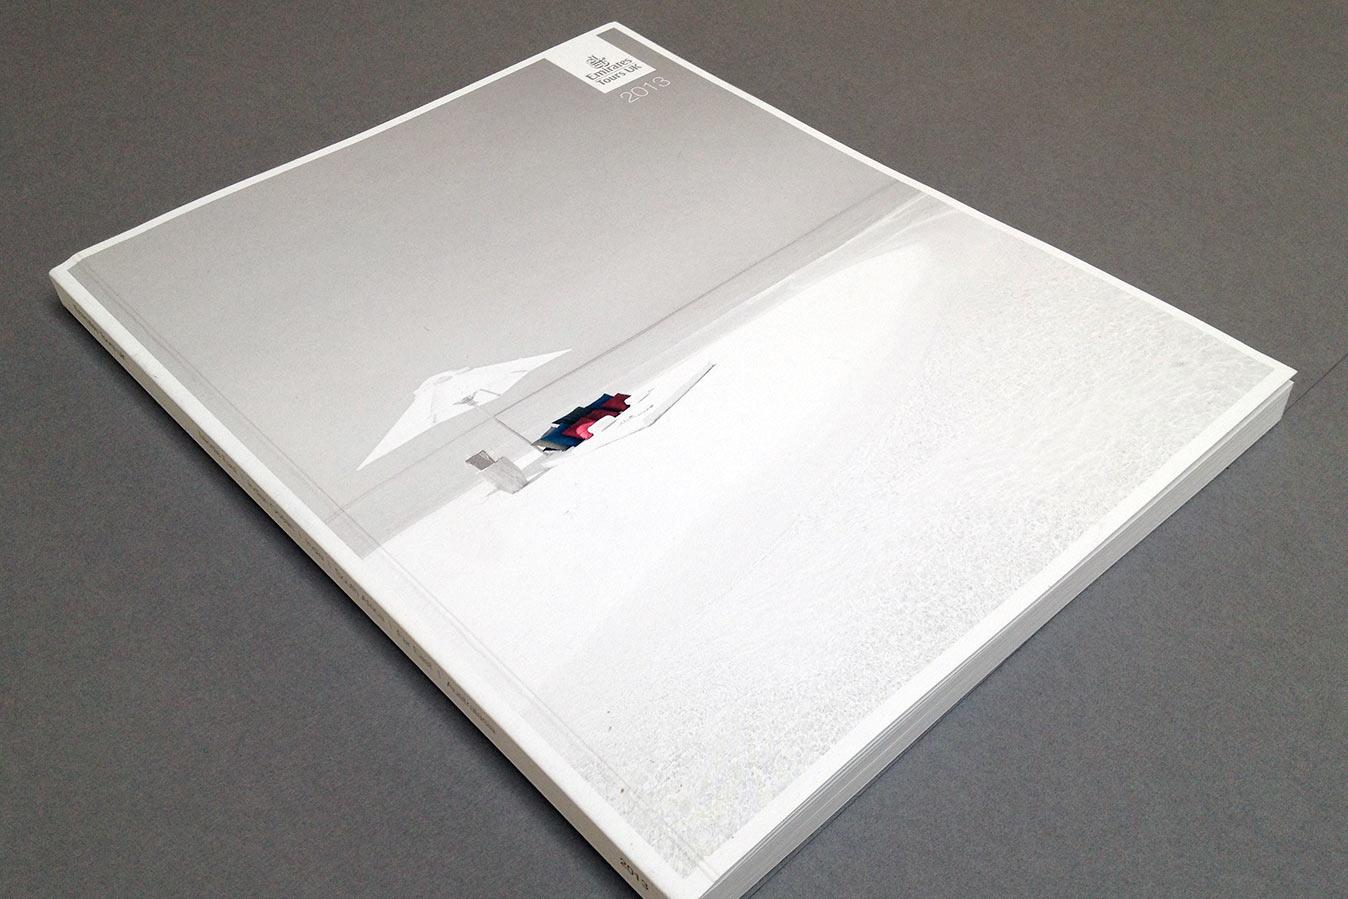 brochure2012_01.jpg